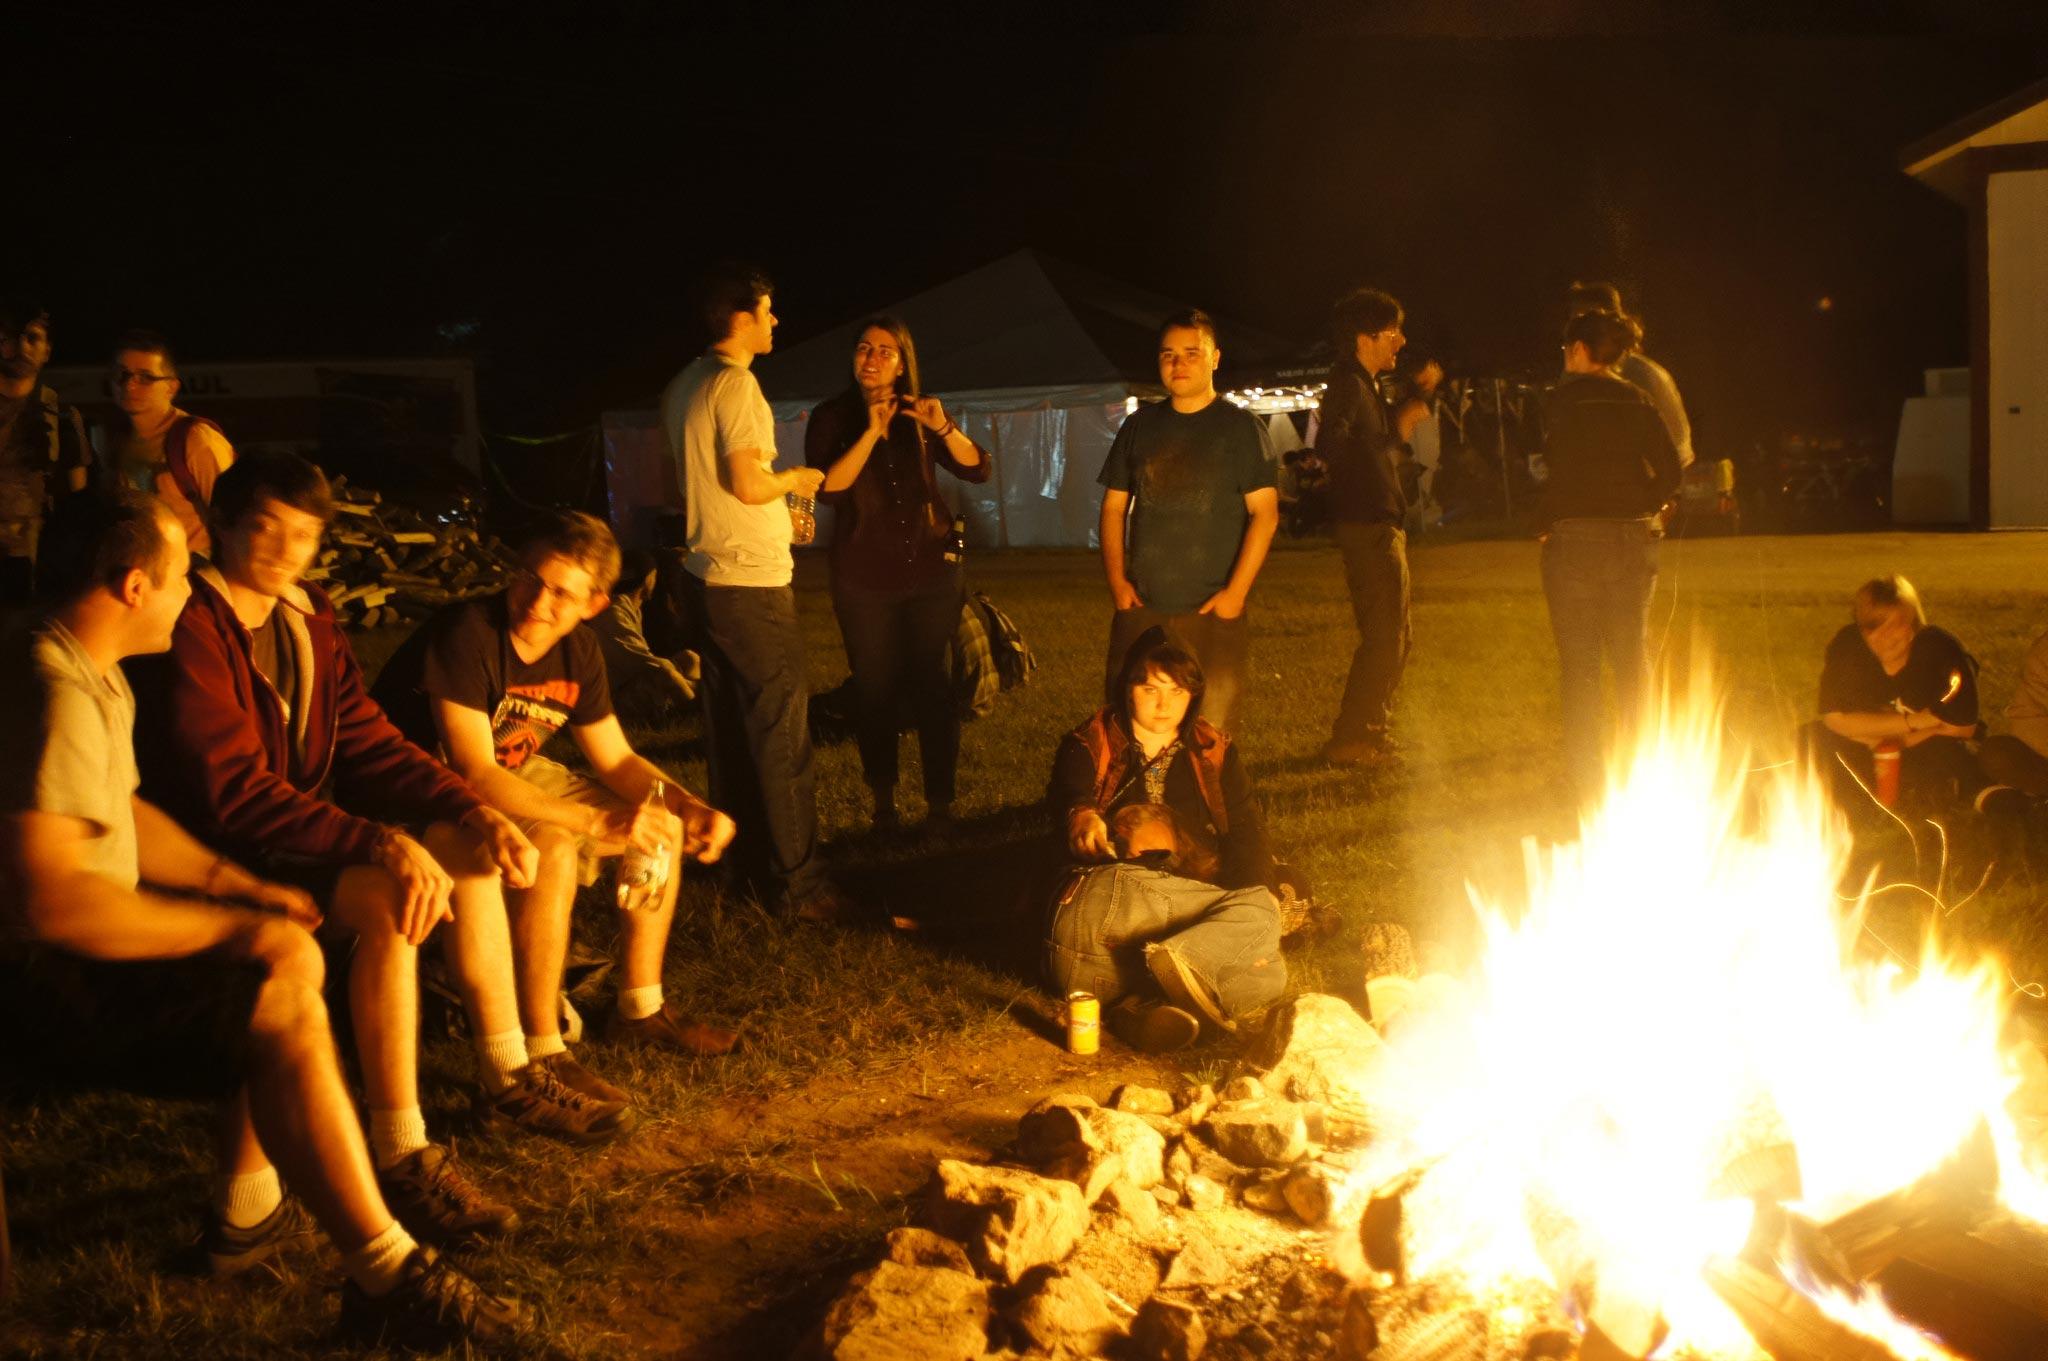 PorcFest fire